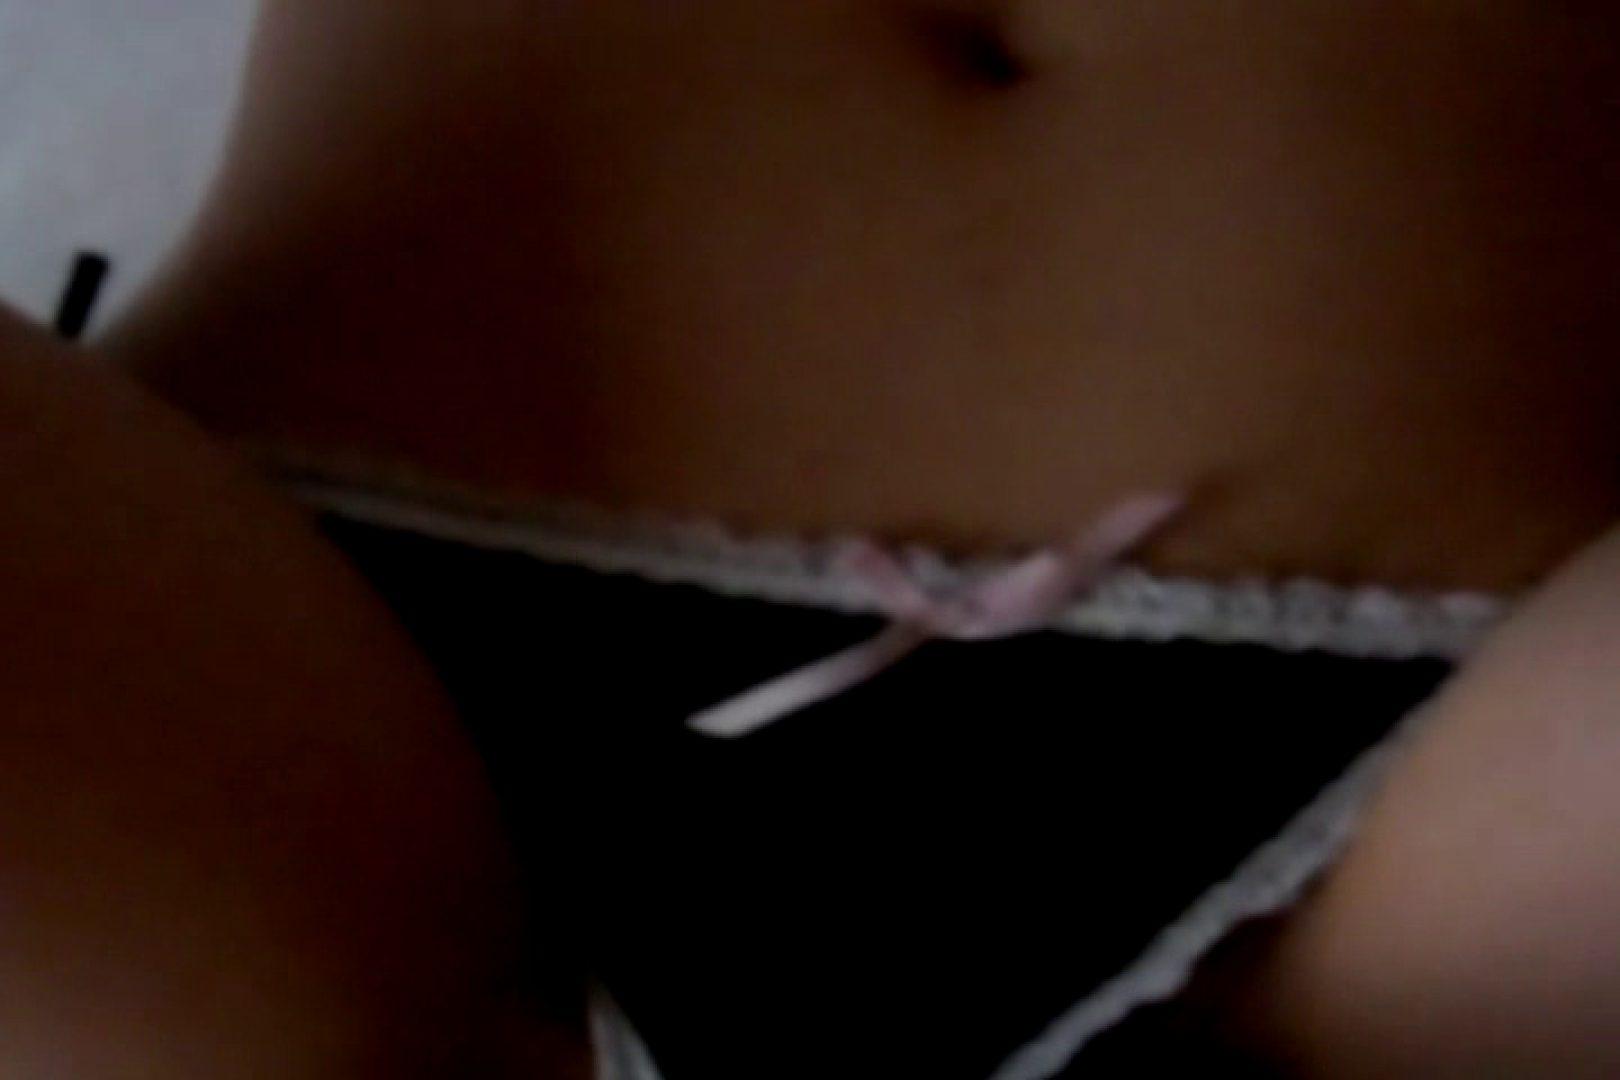 ウイルス流出 レオ&マンコのアルバム マンコがいっぱい のぞき動画キャプチャ 105pic 92